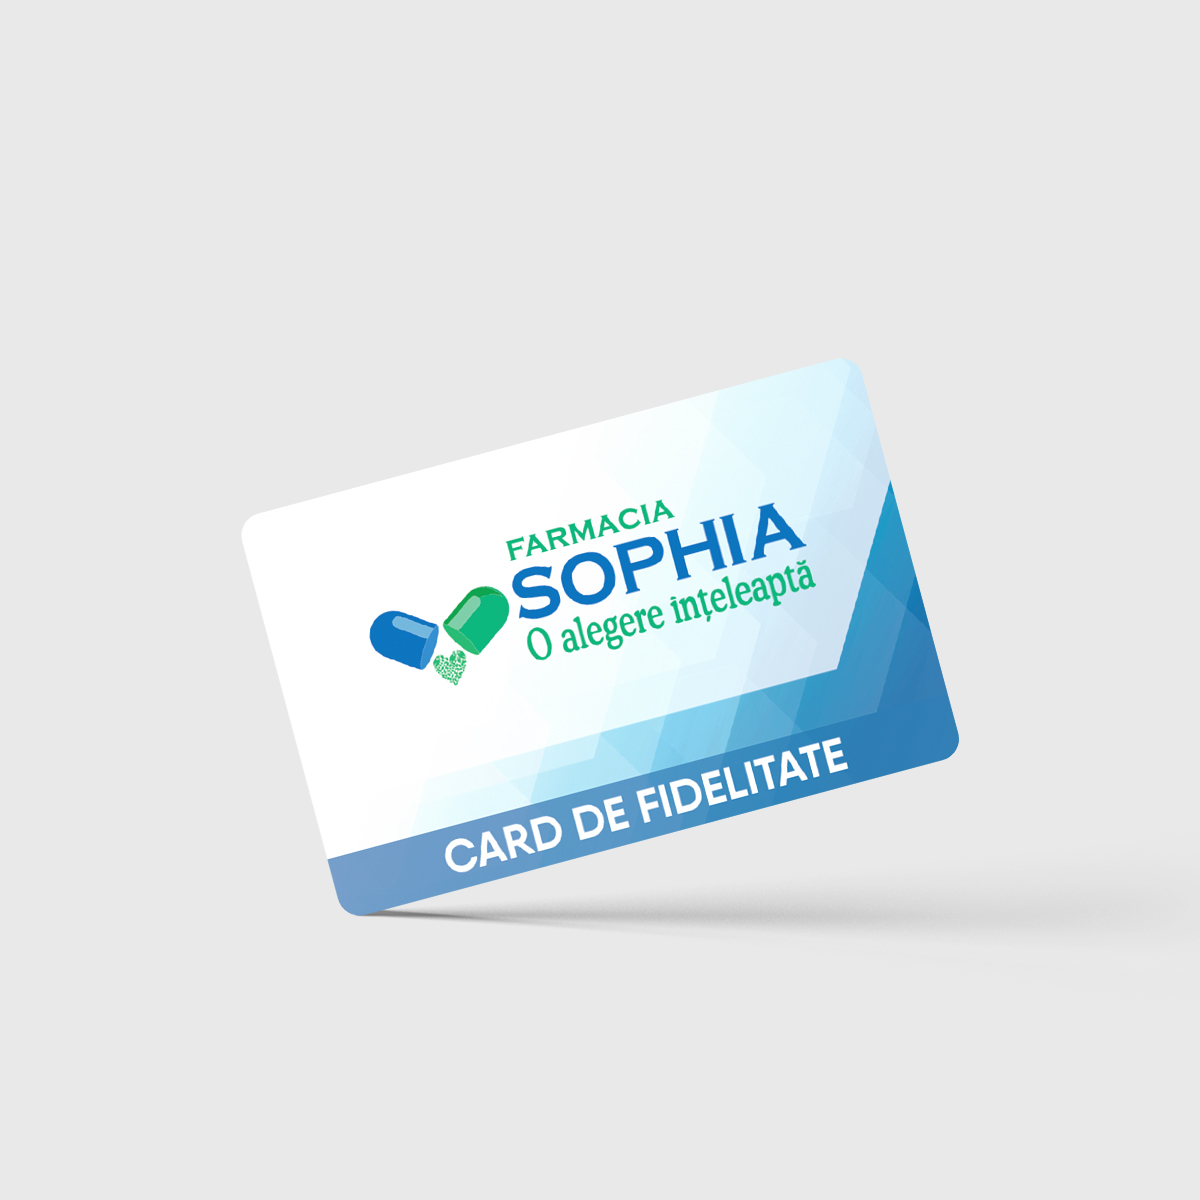 Card de fidelitate Farmacia Sophia